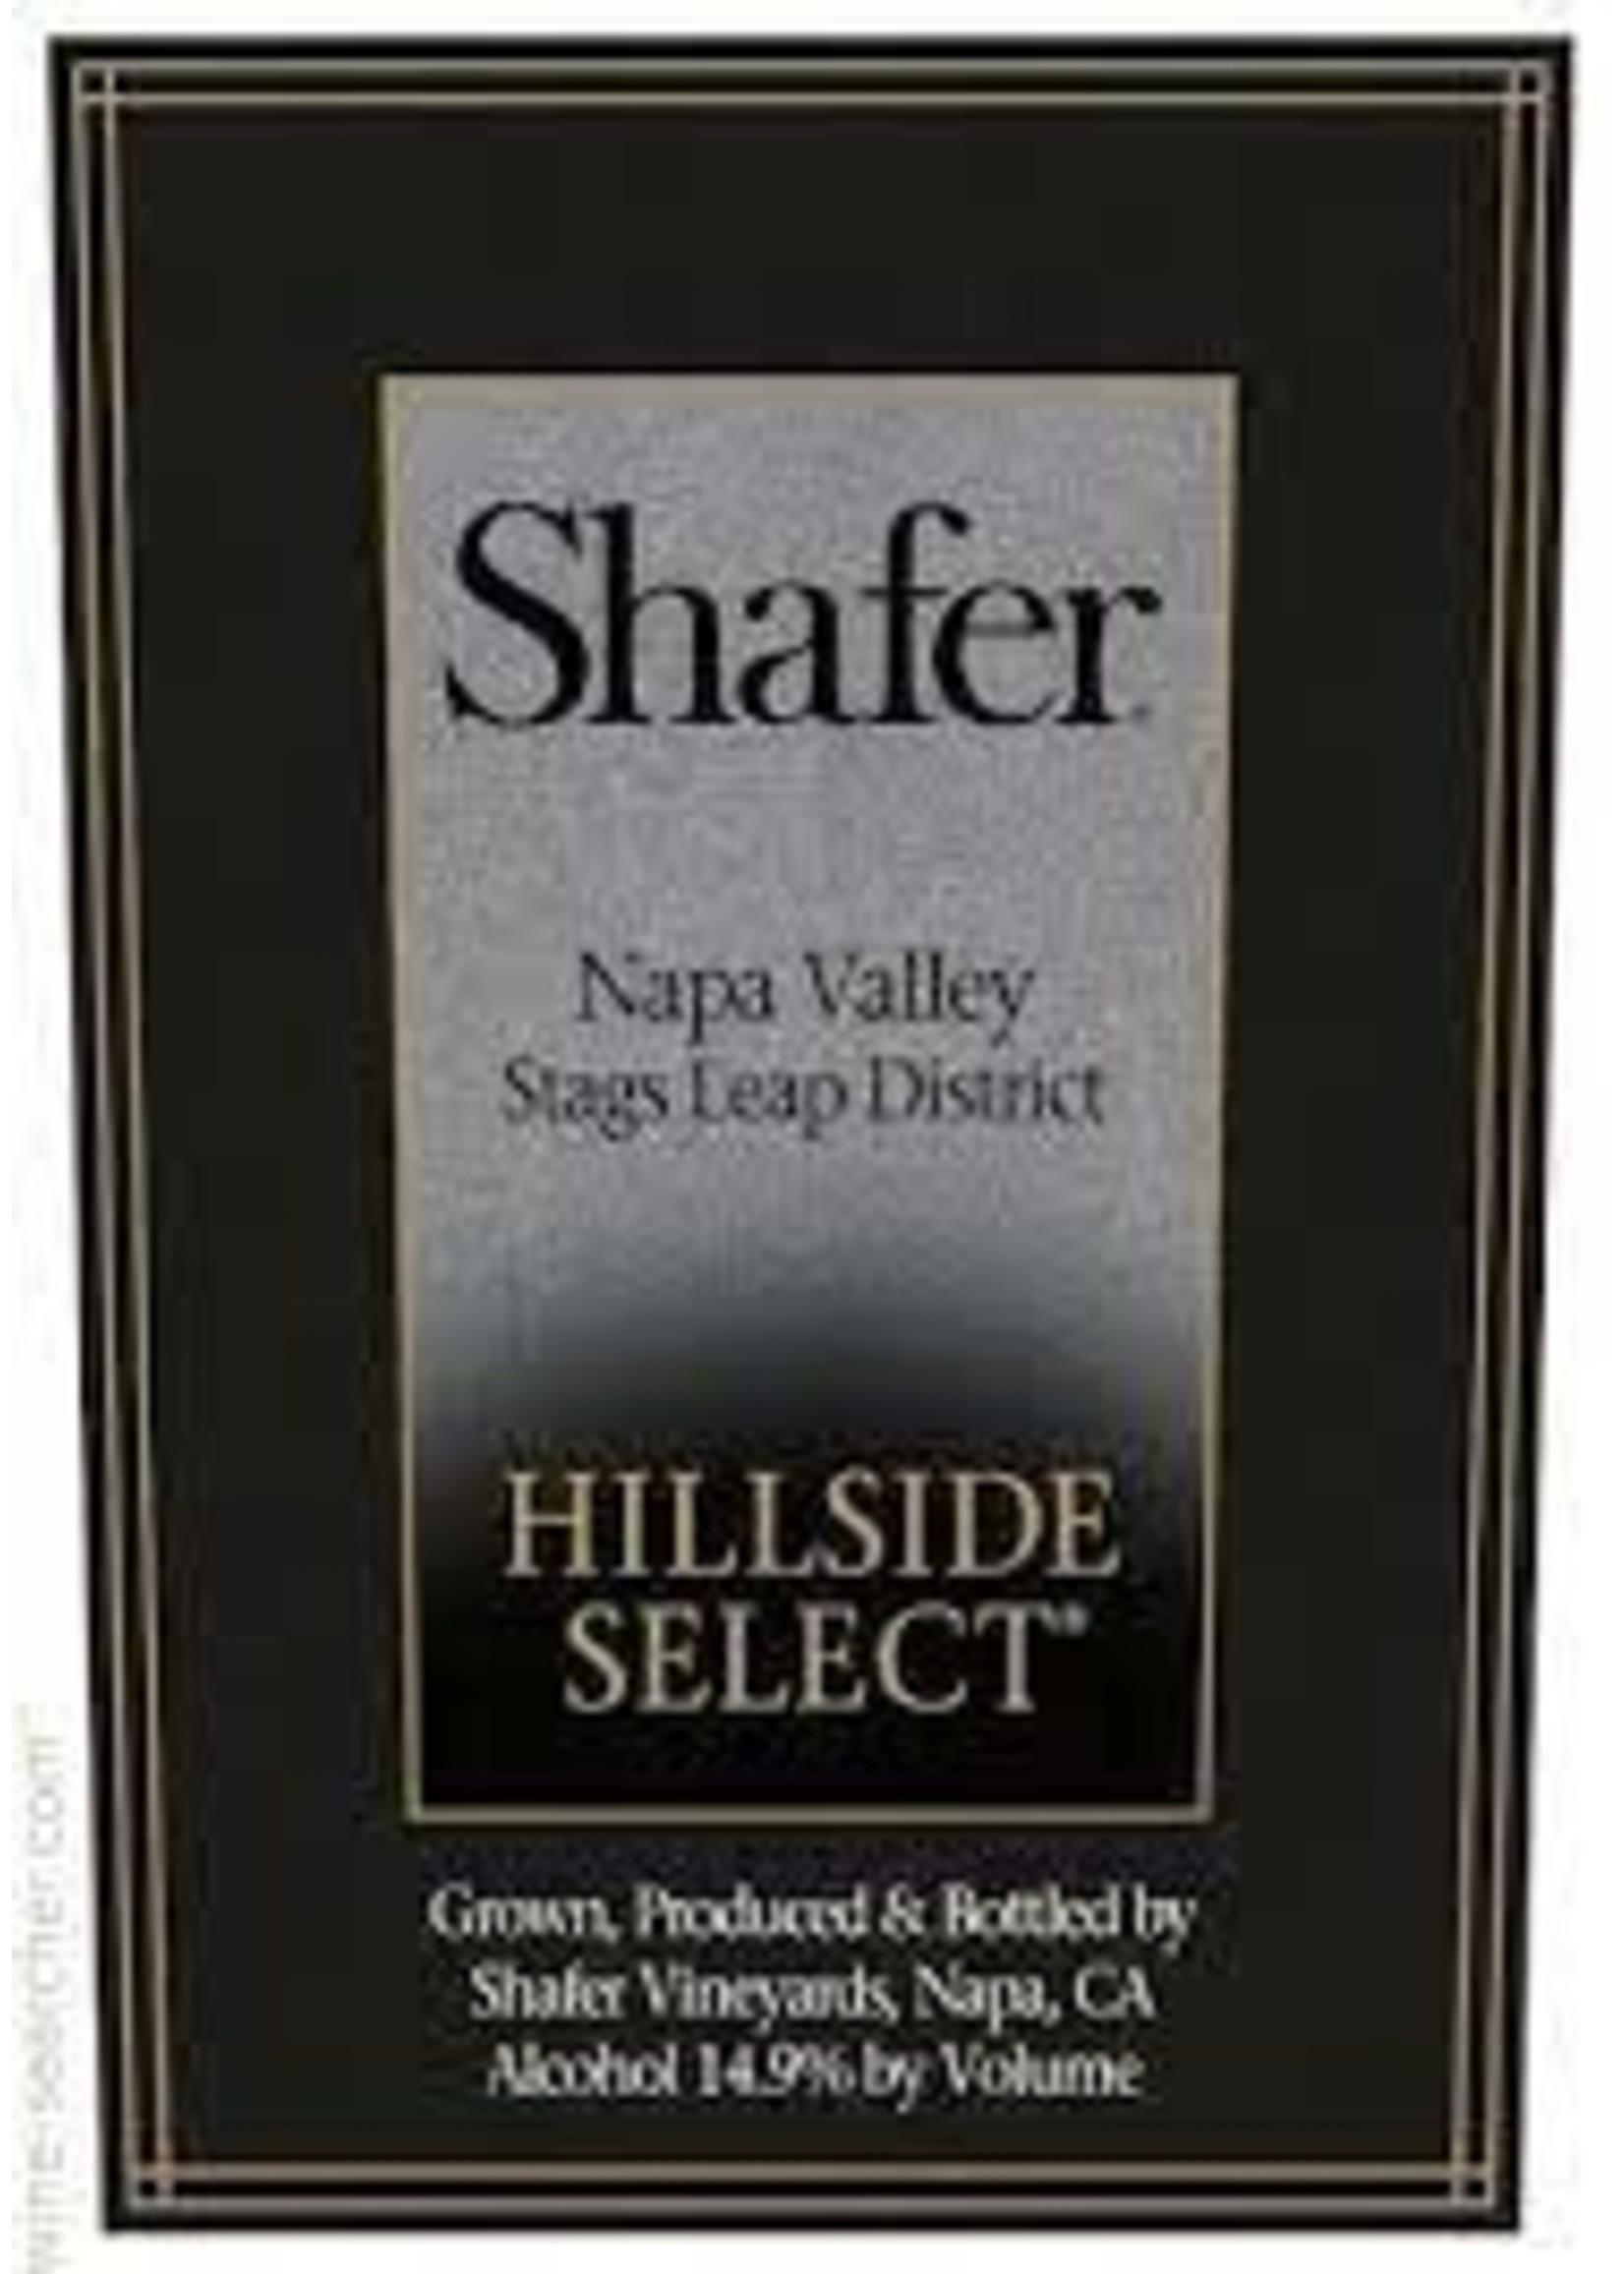 Shafer 2003 Cabernet Sauvignon Hillside Select 750ml [PRE-ARRIVAL]